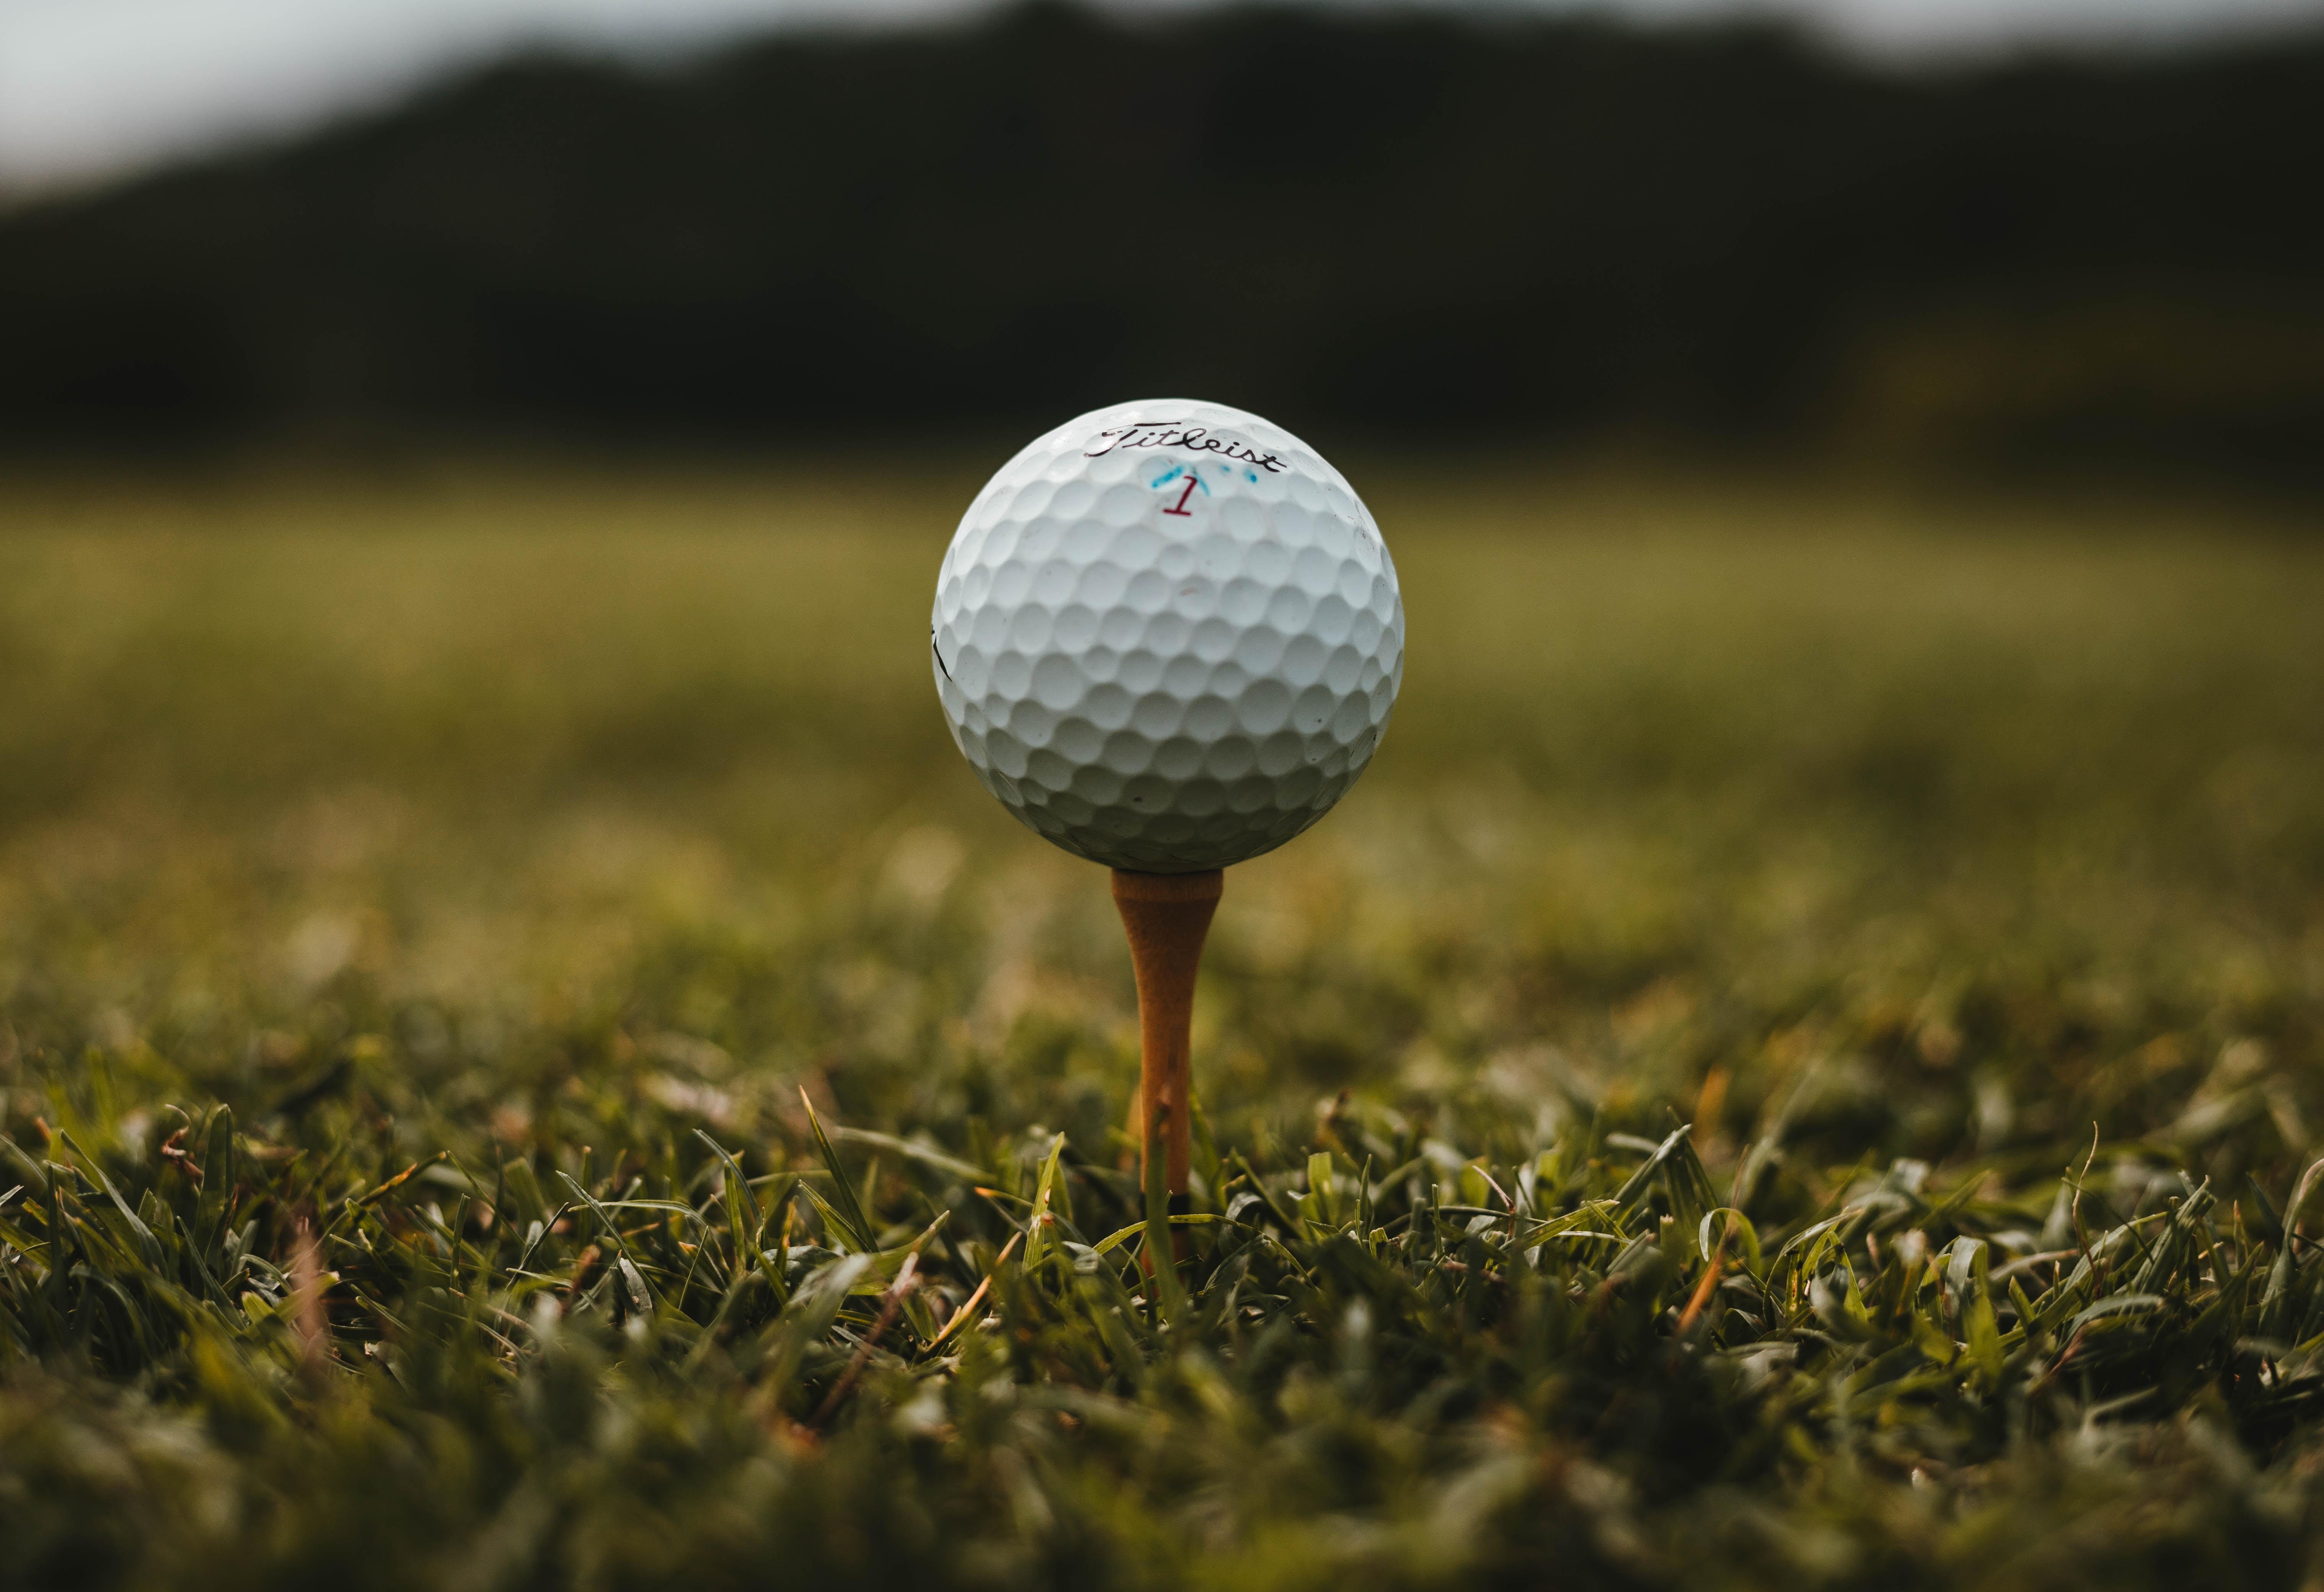 A golf ball on a tee